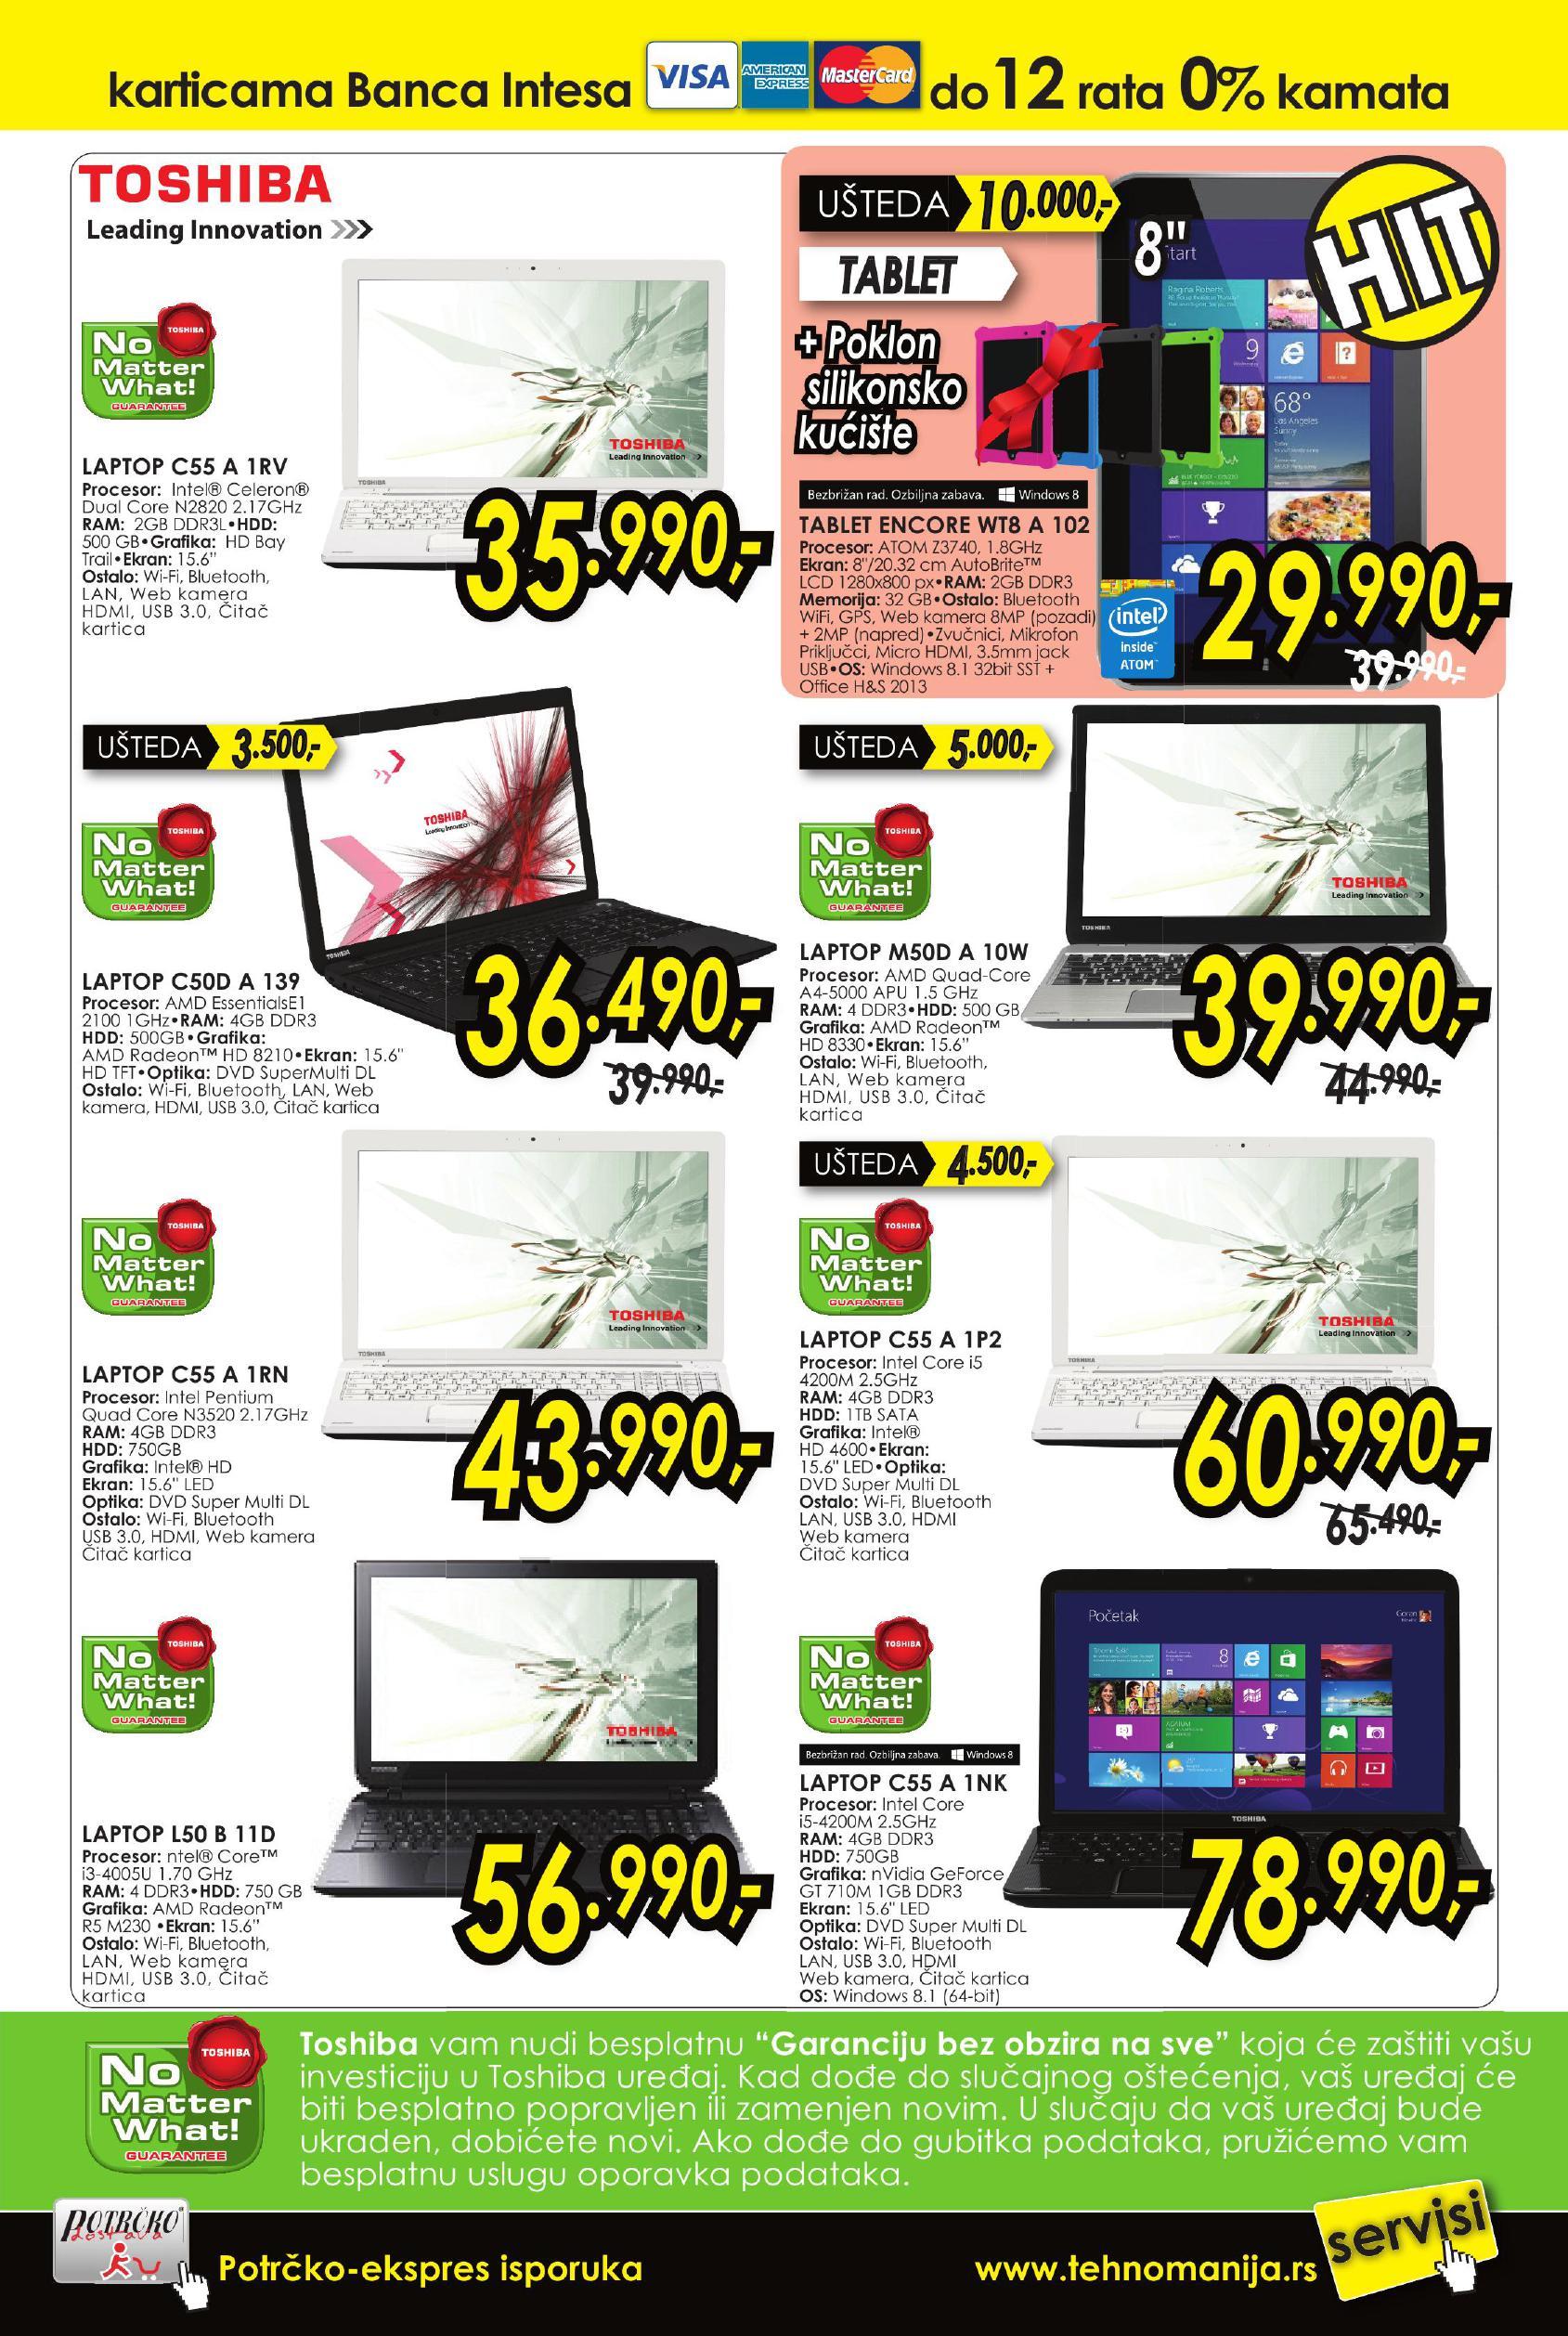 Tehnomanija akcija najbolji IT shop